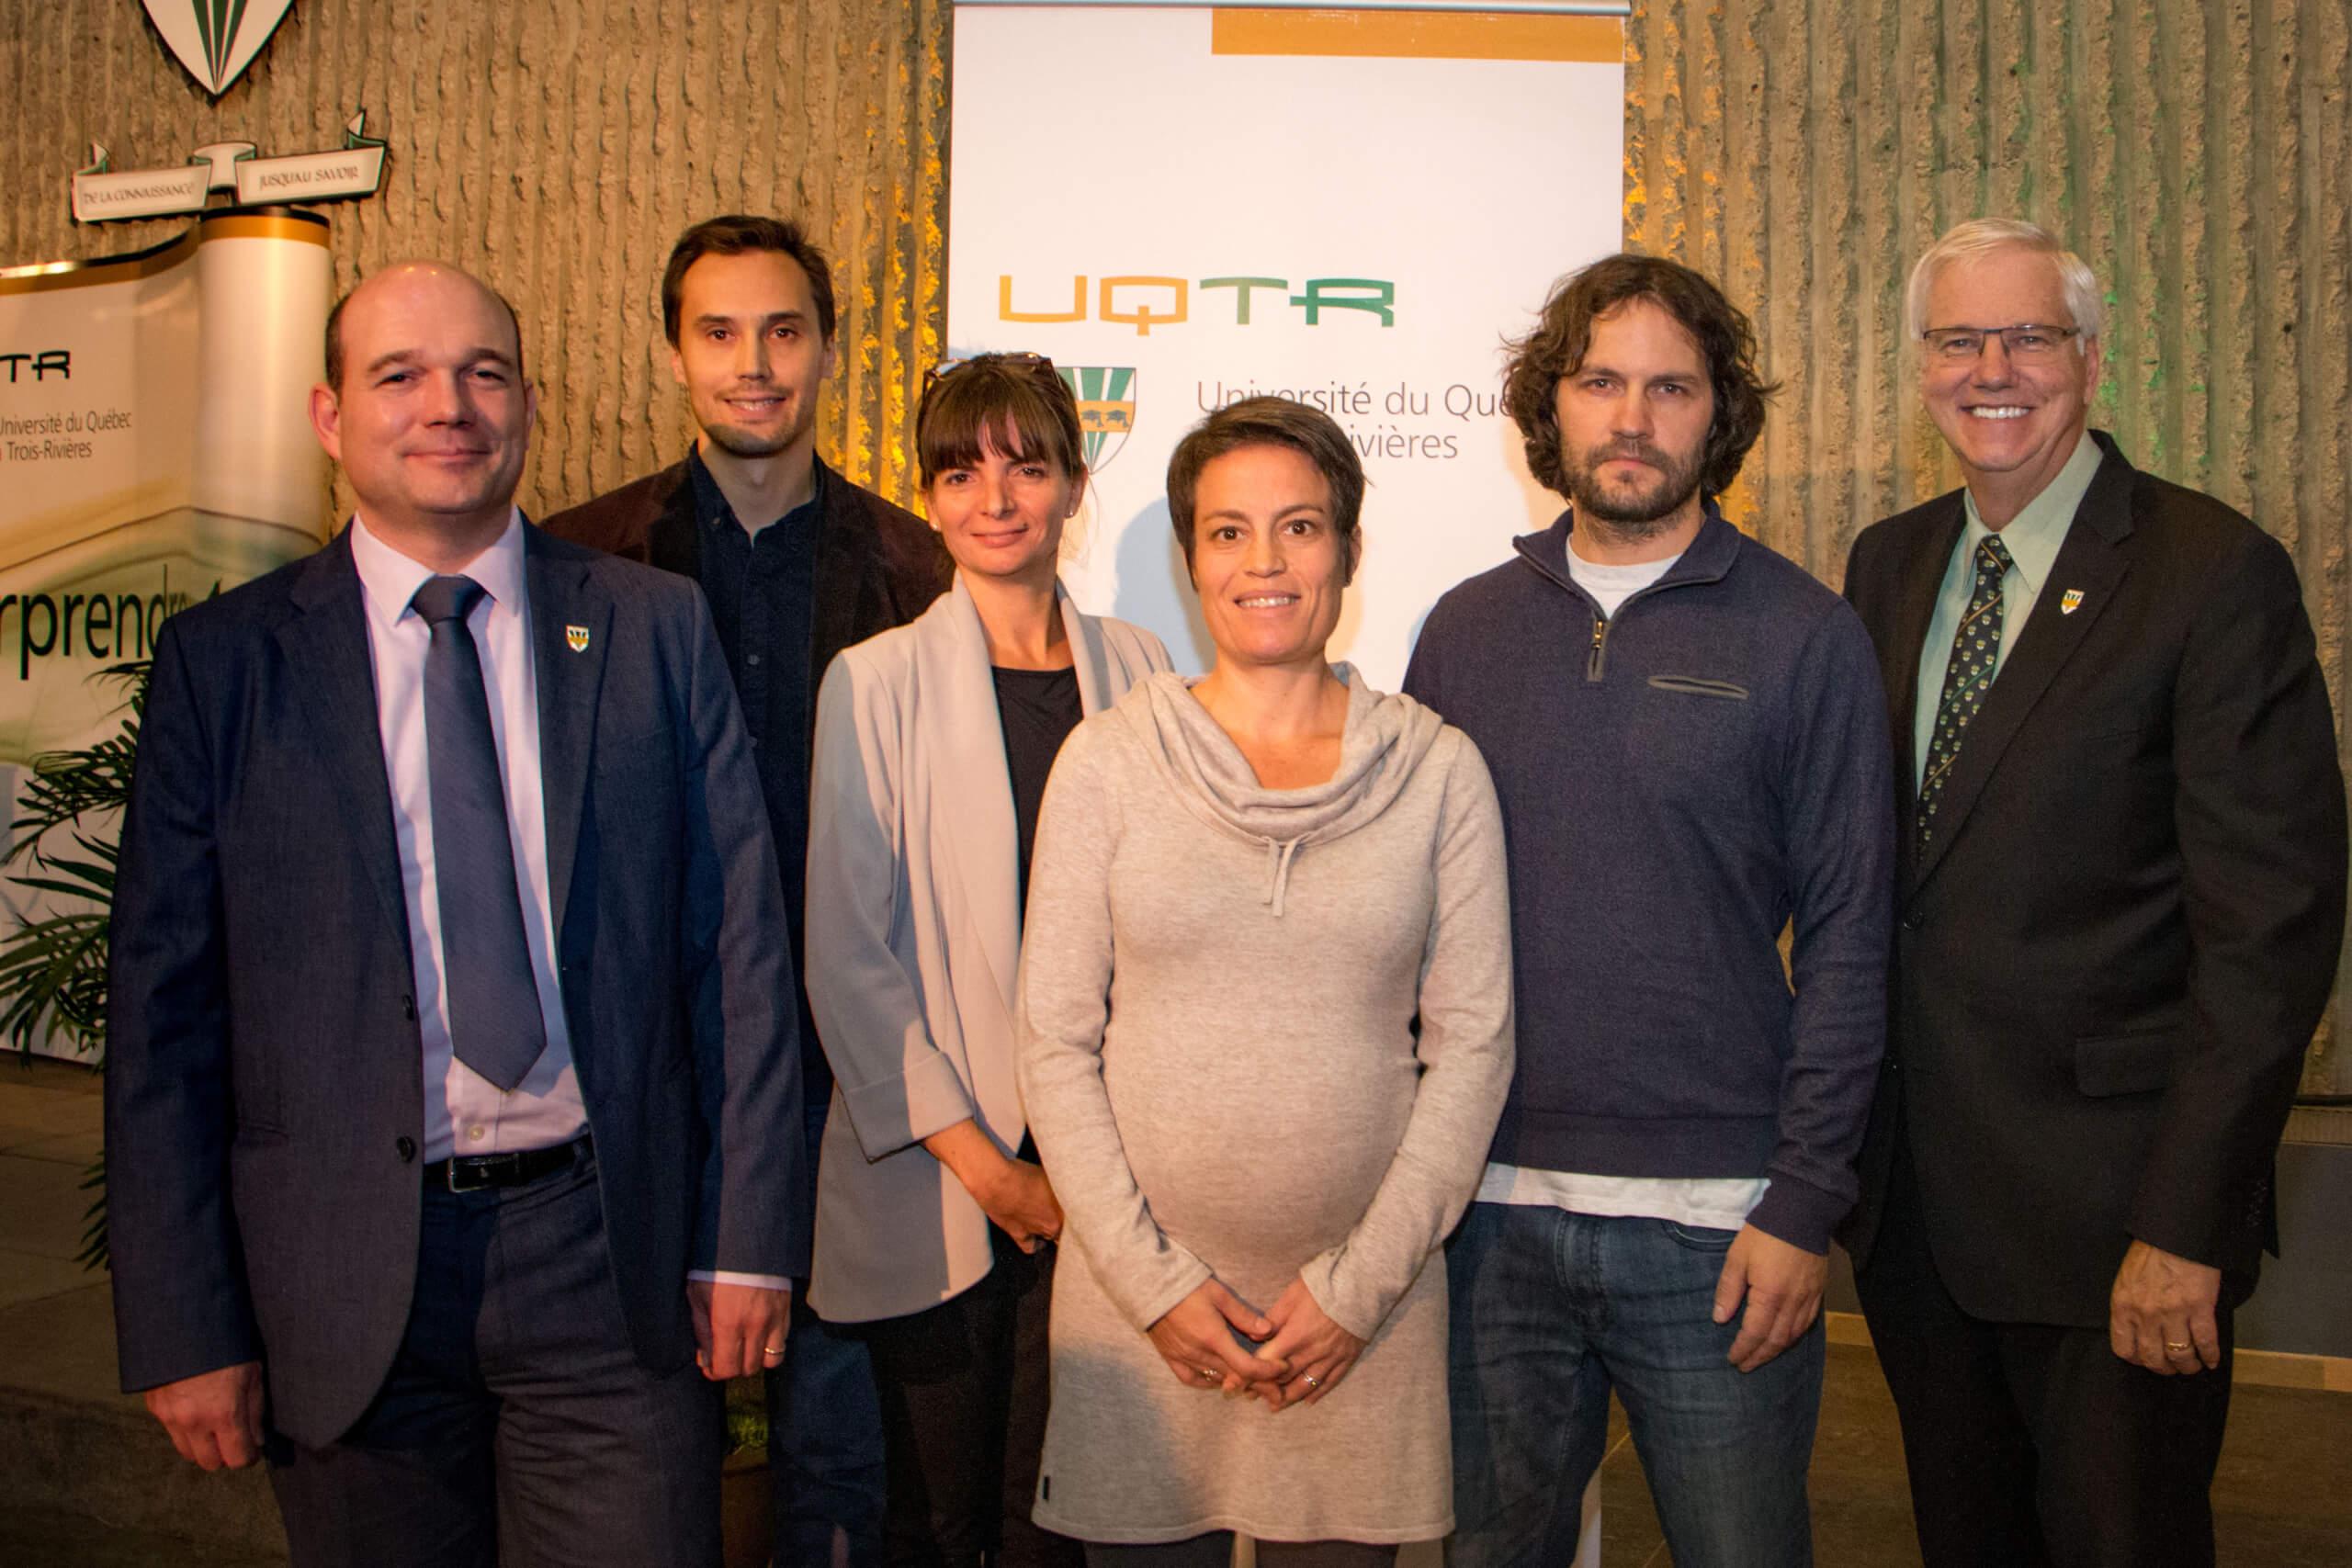 Chaires de recherche UQTR: quatre chercheurs s'attaquent à des enjeux de santé publique et d'environnement